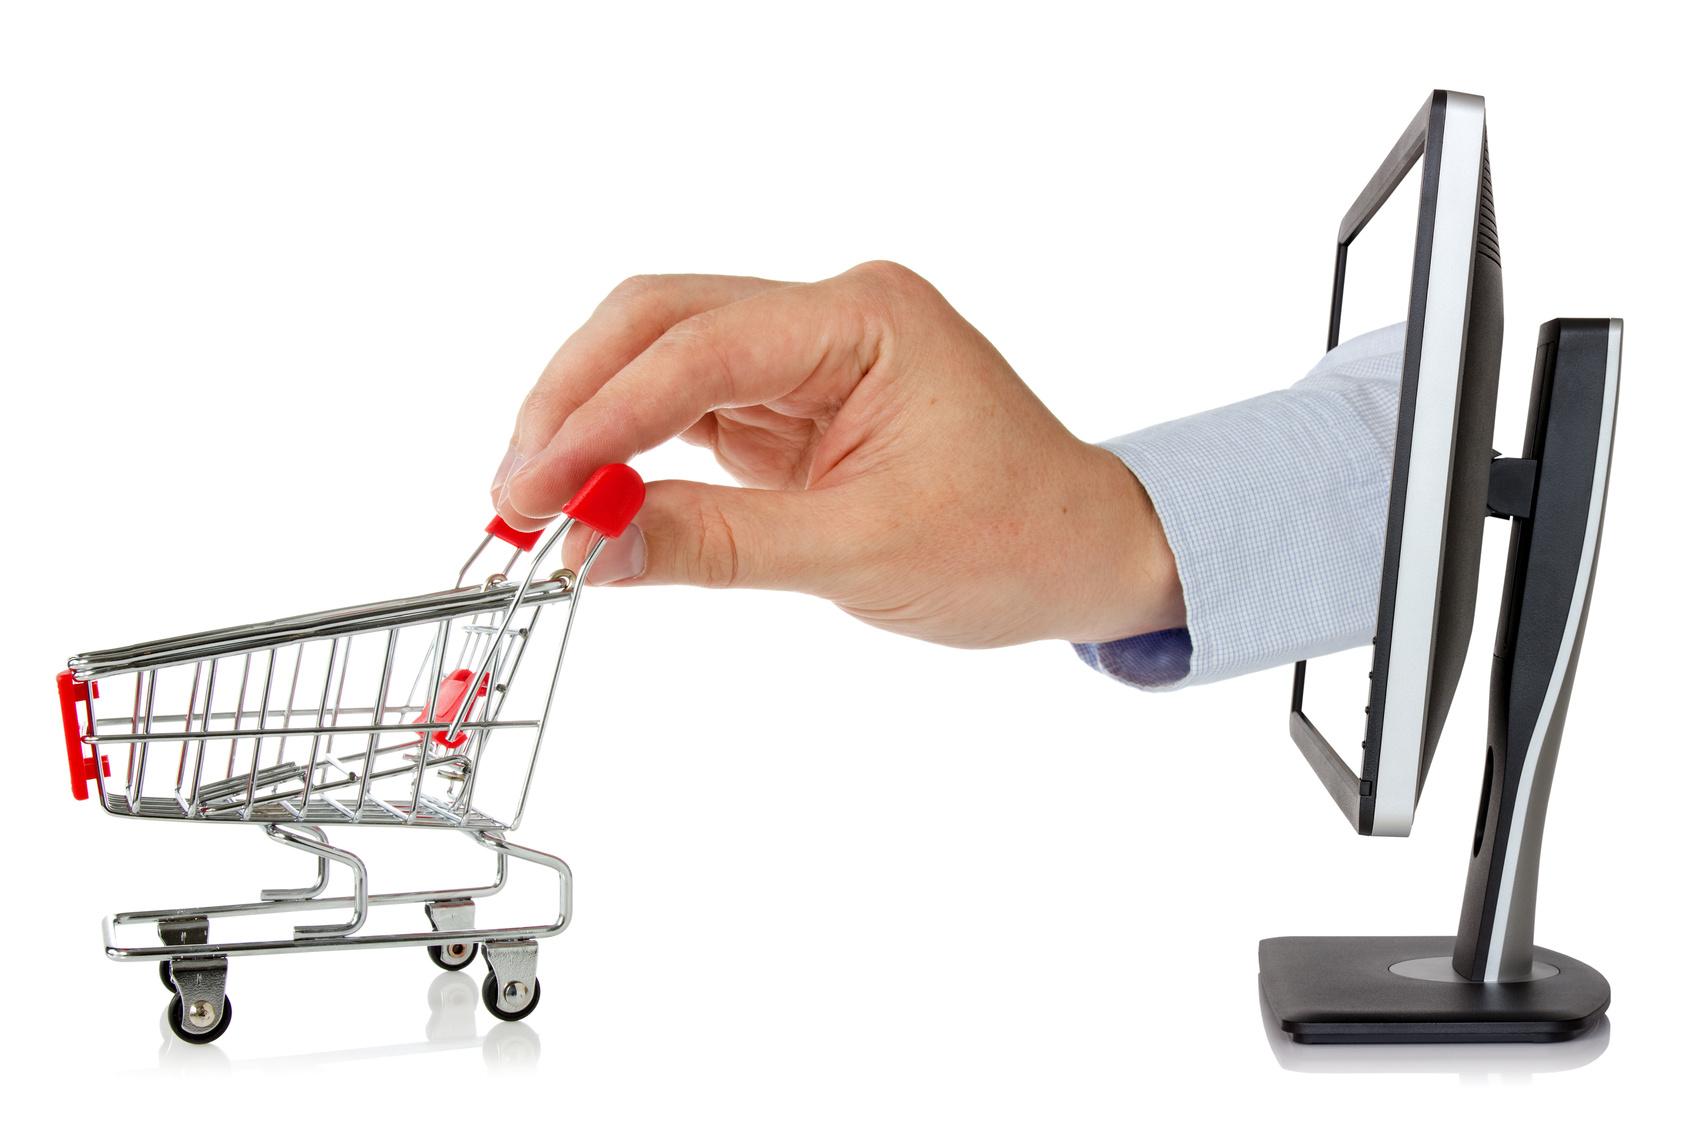 Aukcje internetowe - Portal z ogłoszeniami - Ogłoszenia